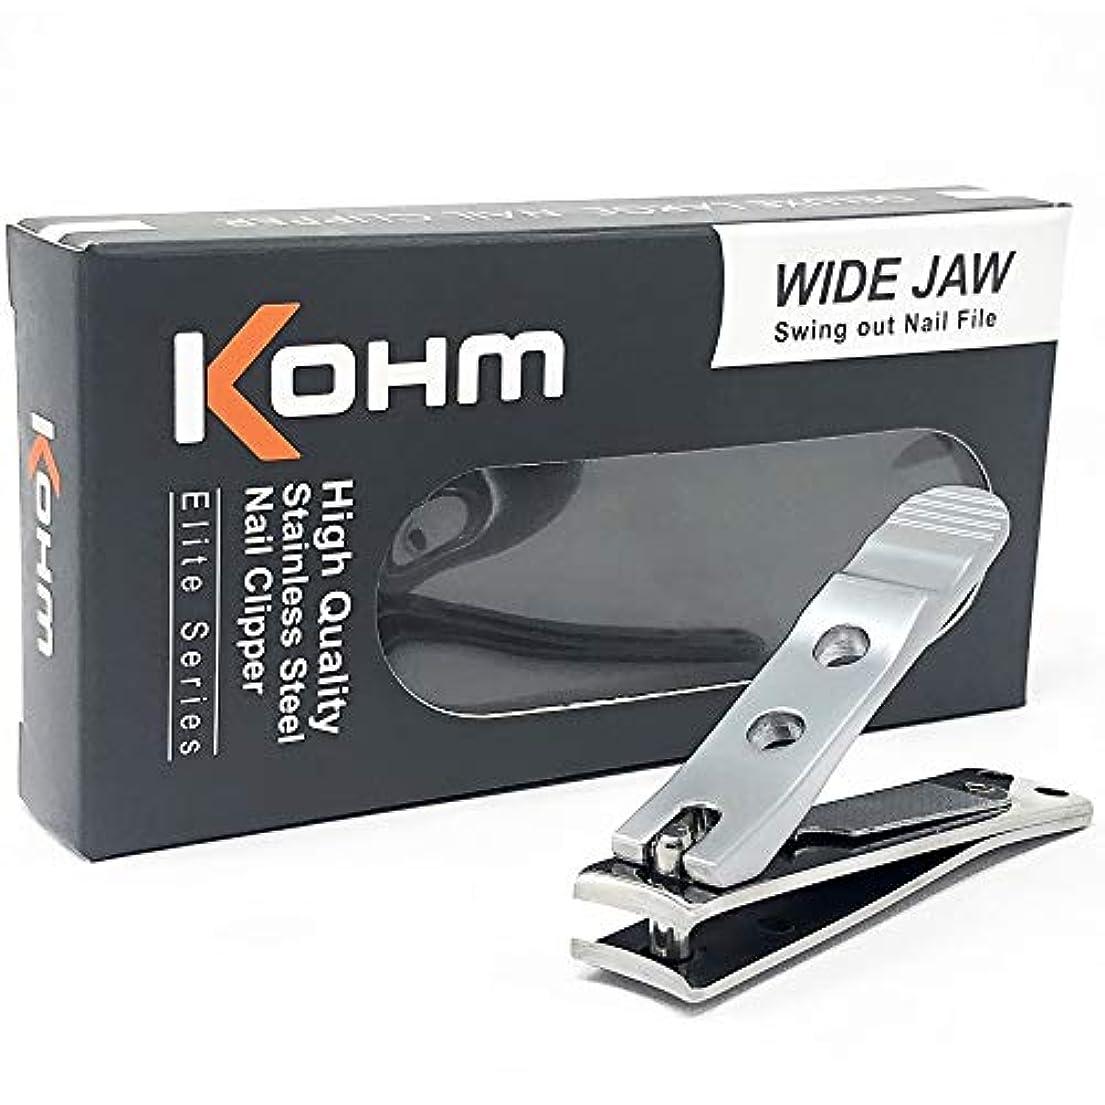 プログレッシブタンカークレデンシャルKohm WHS-440L厚手の爪のための足のつかみ4mmの広い顎、湾曲した刃、釘のファイル、ヘビーデューティ。